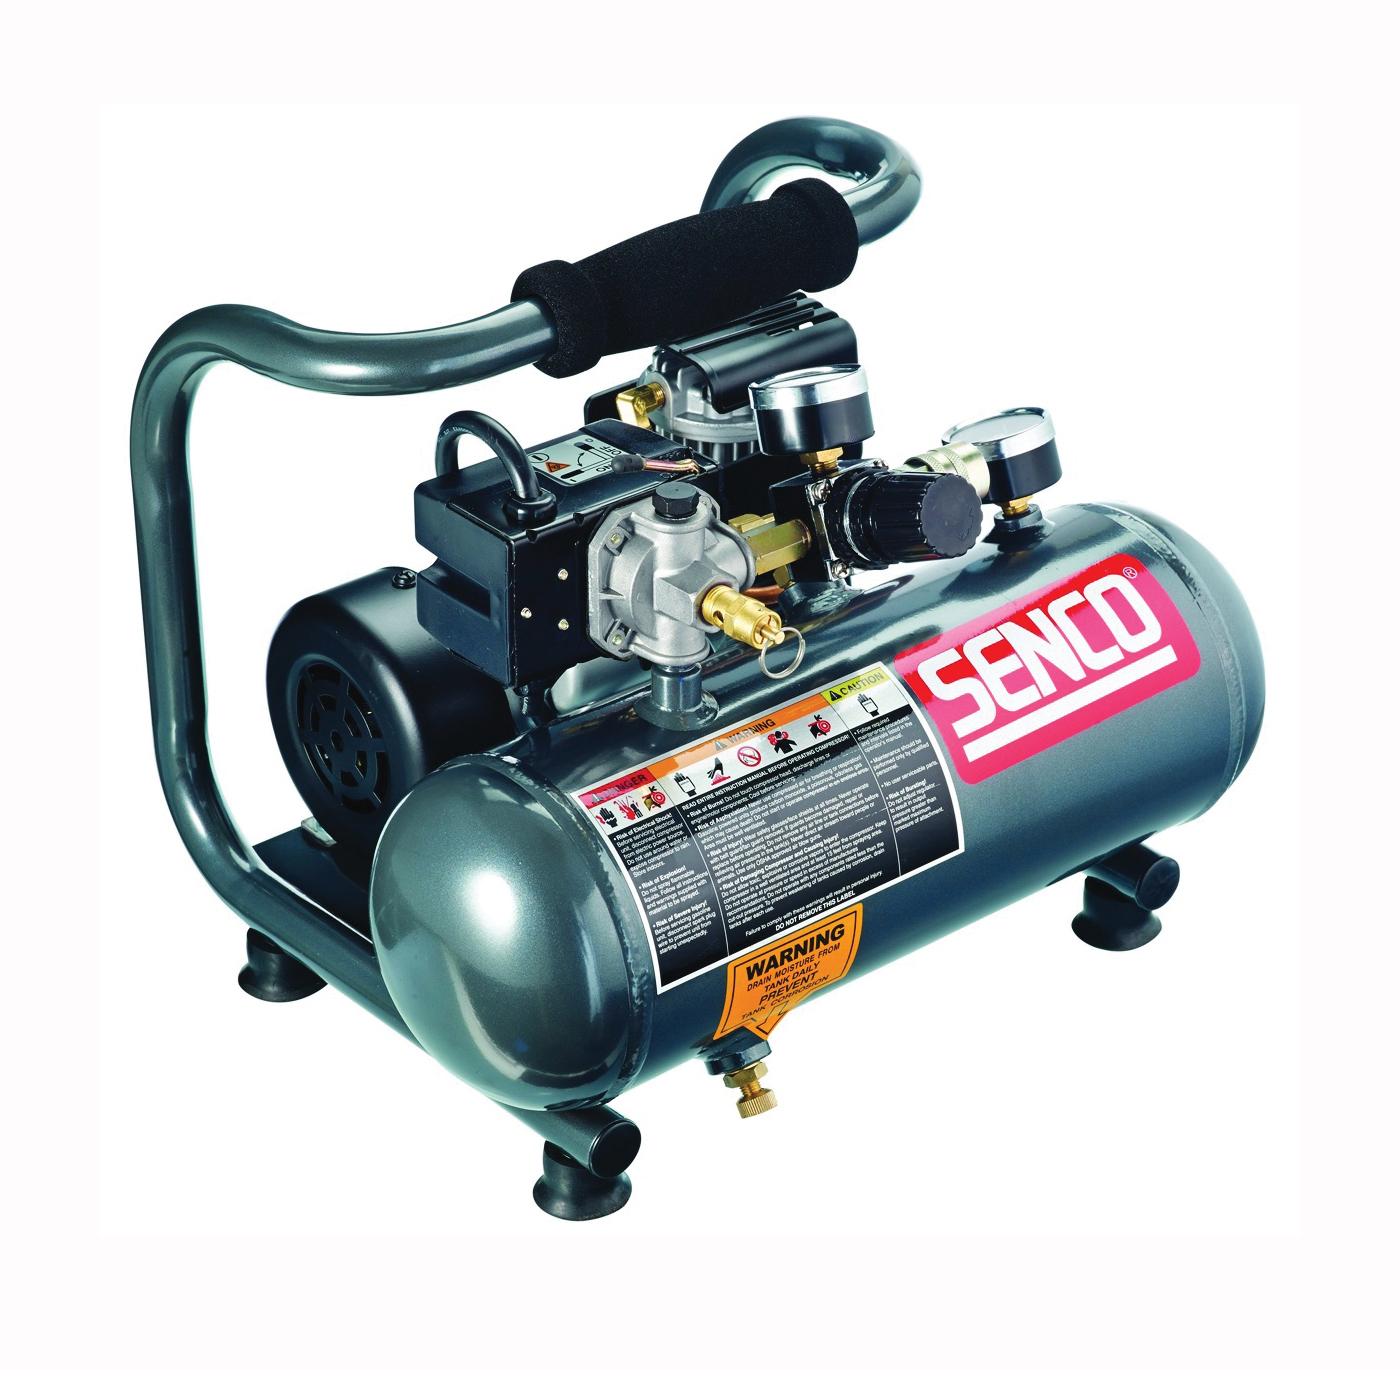 Picture of SENCO PC1010 Trim Air Compressor, 1 gal Tank, 0.5 hp, 115 V, 125 psi Pressure, 0.7 scfm Air